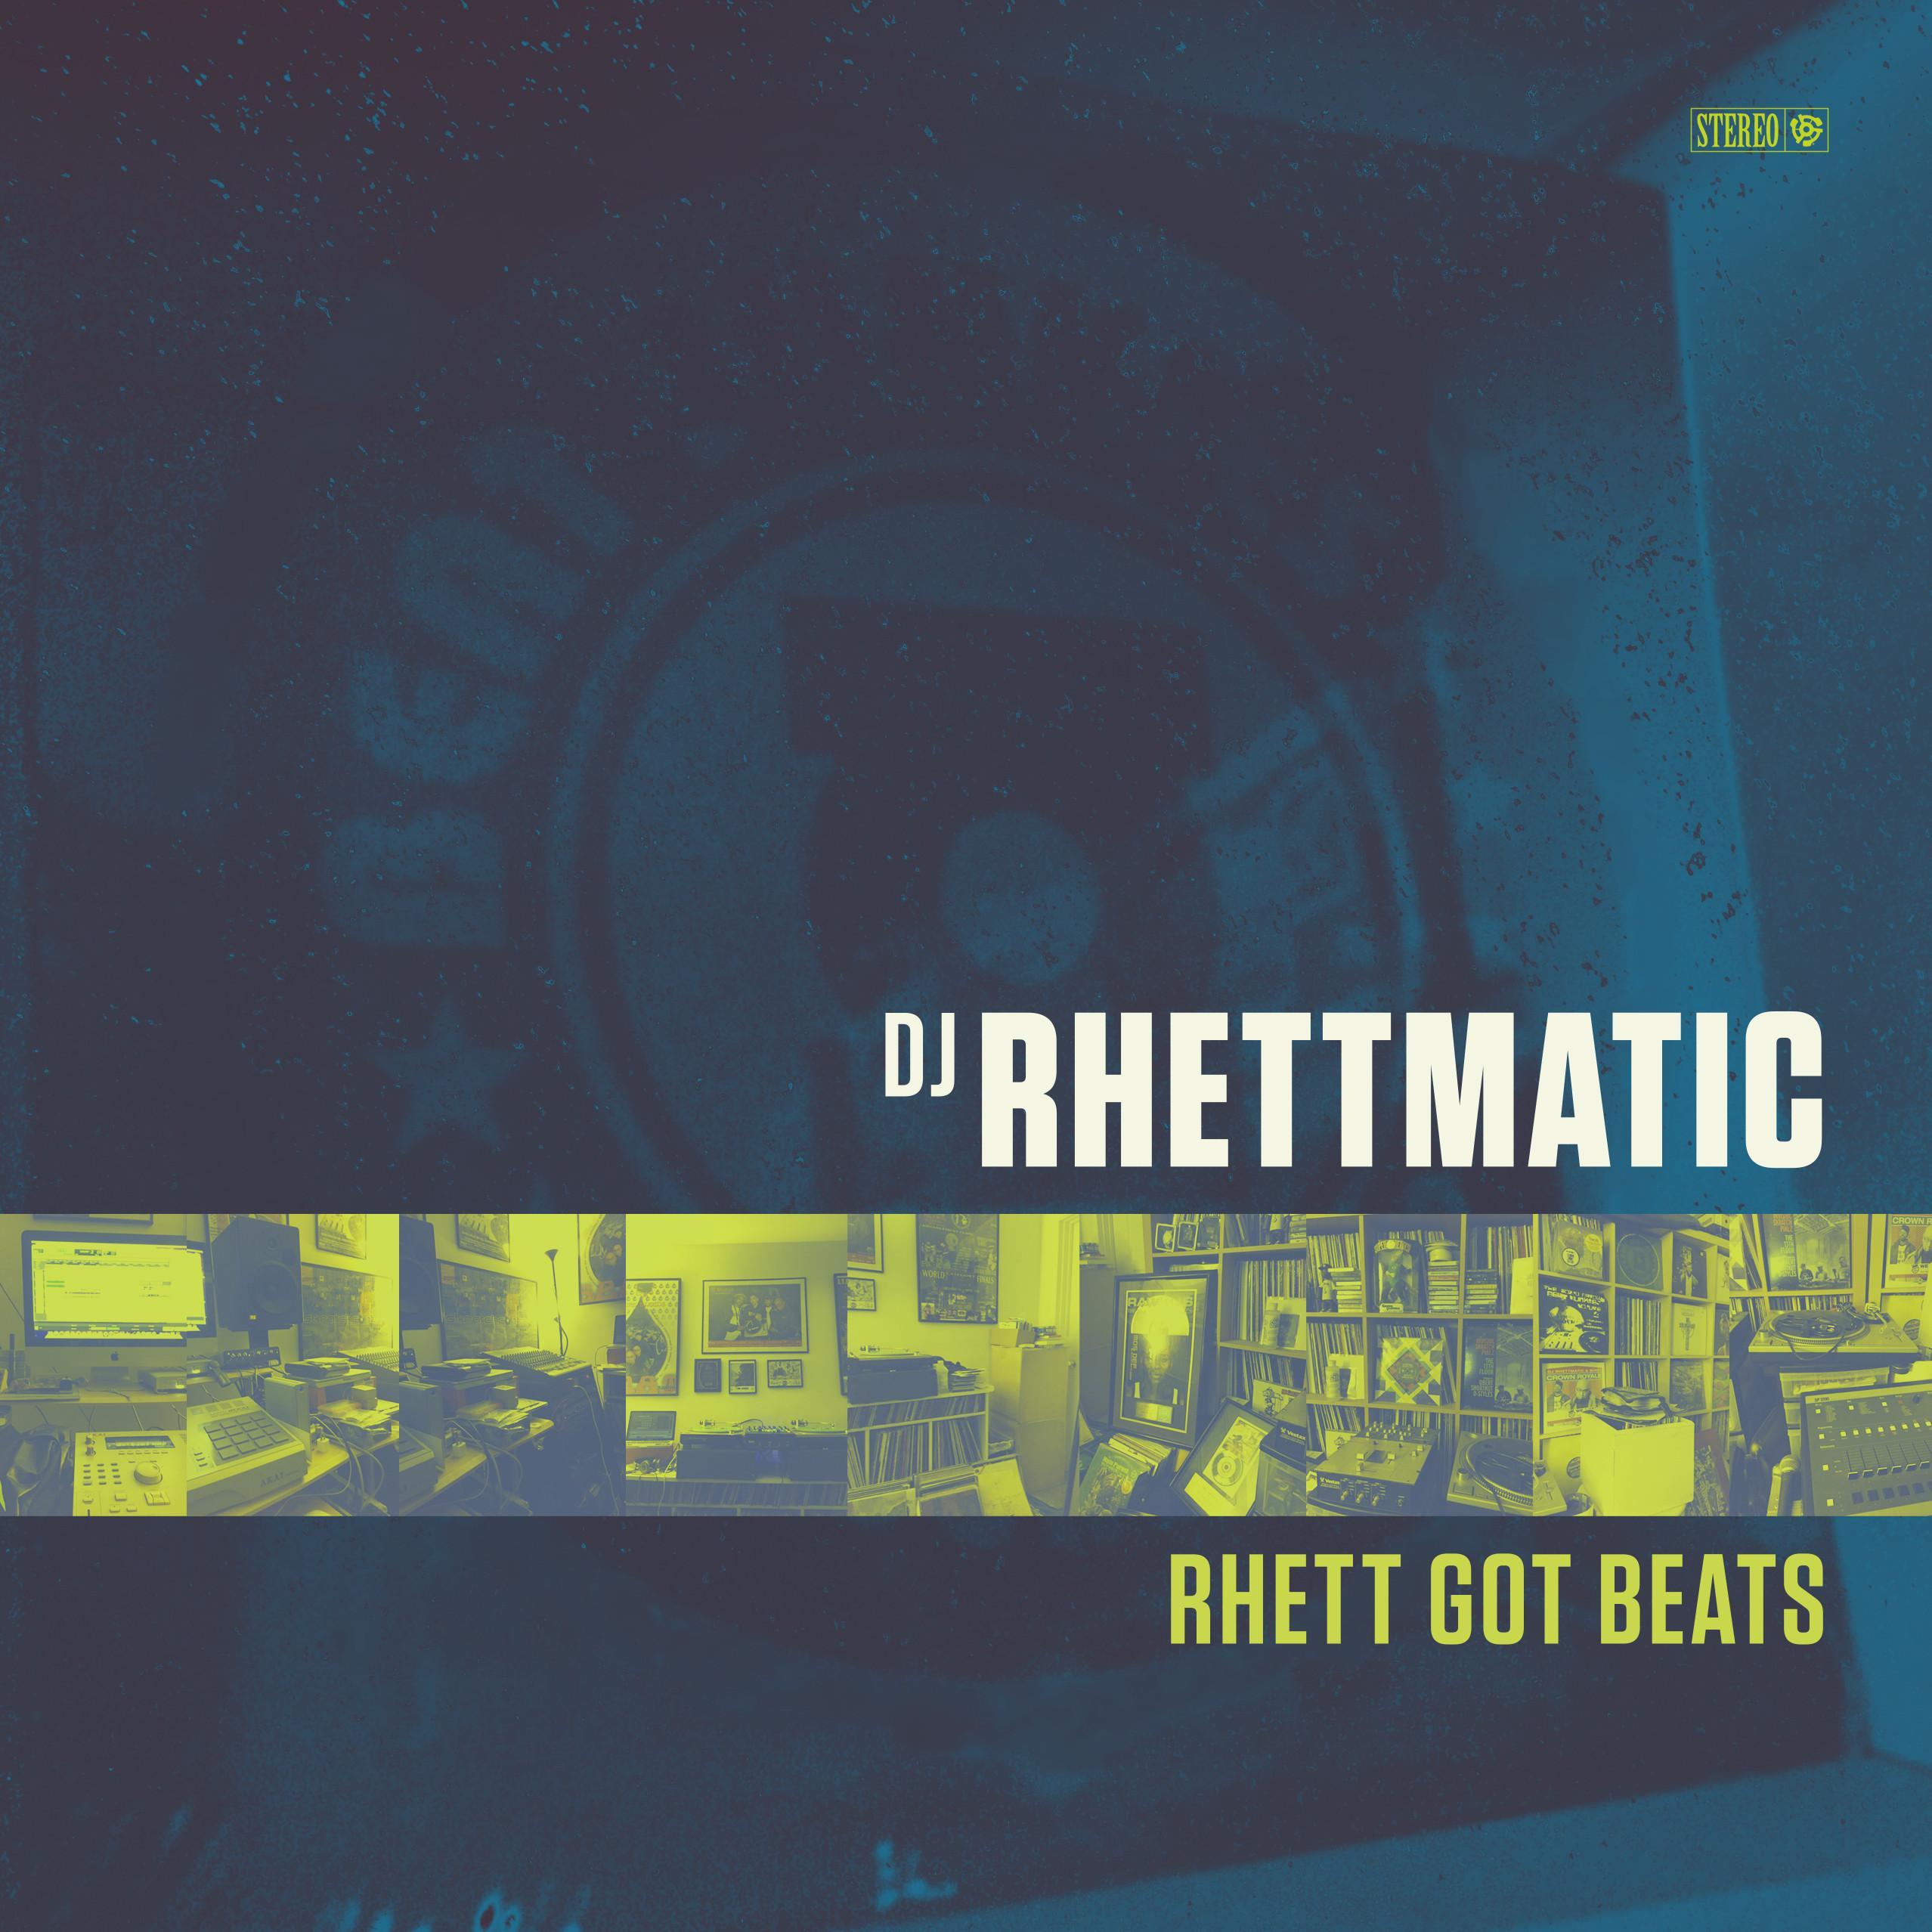 Rhett_got_beats